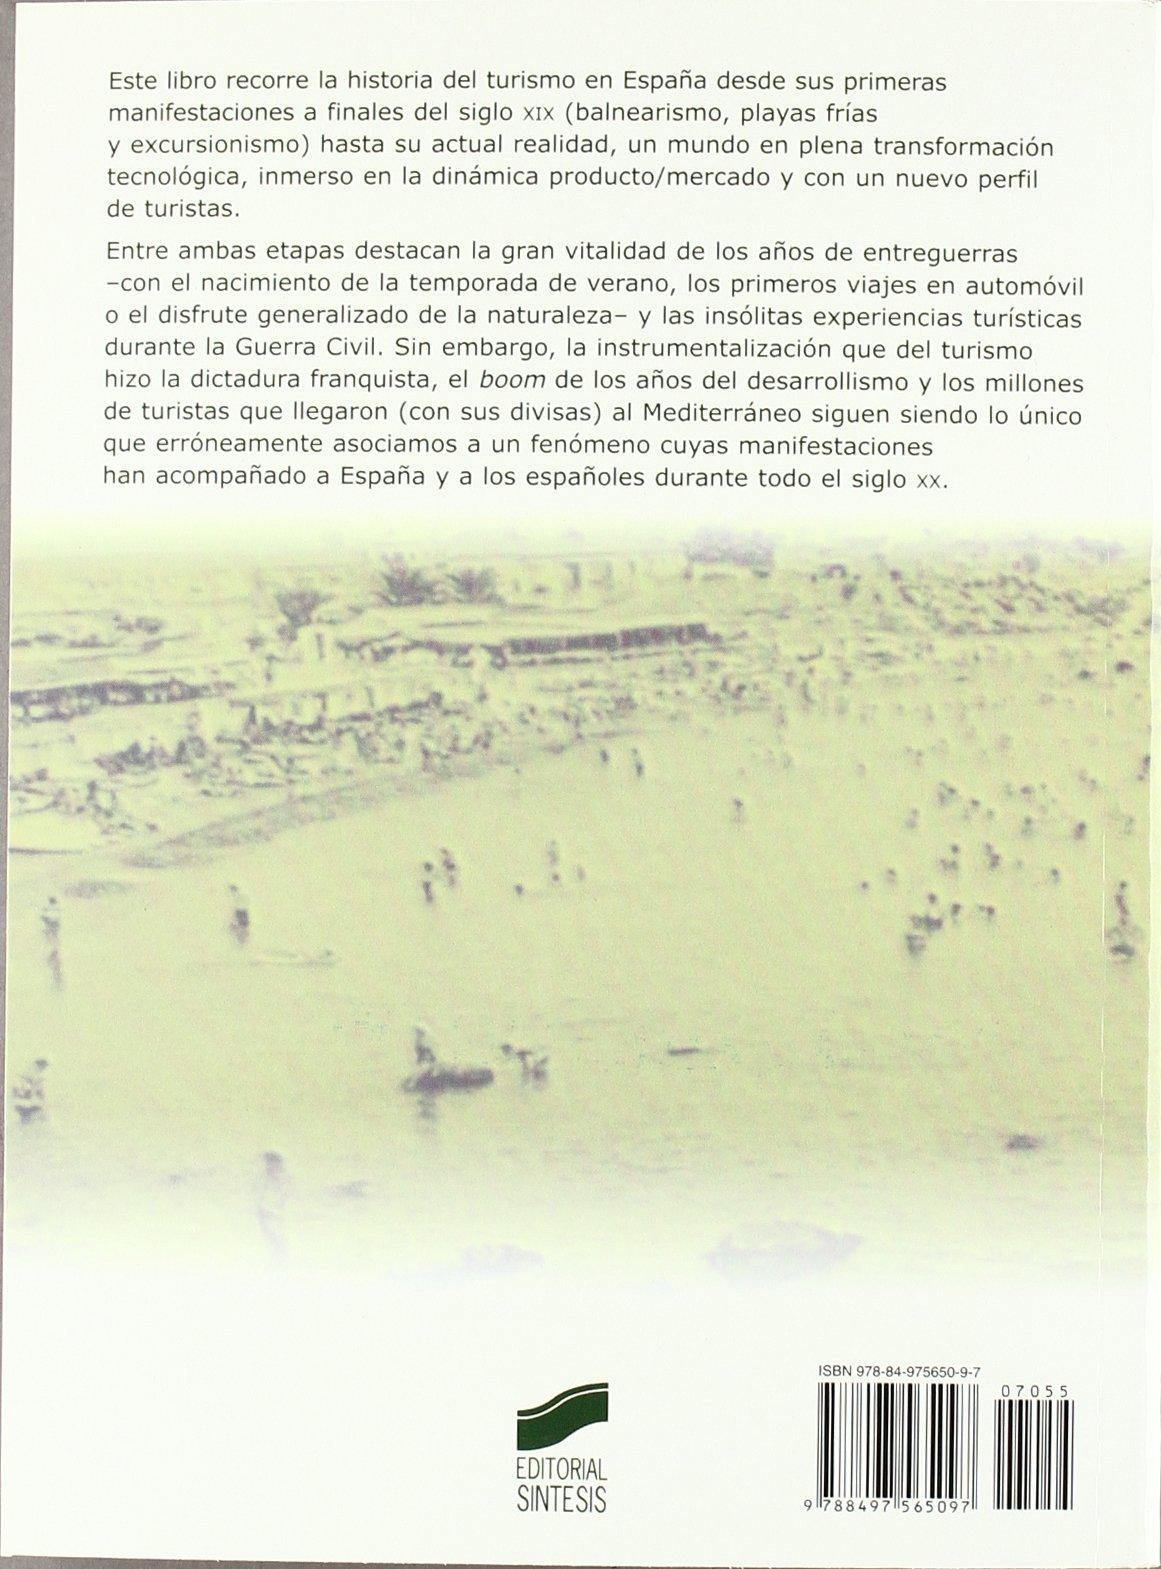 Historia del turismo en España en el siglo XX: 55 Gestión turística: Amazon.es: Moreno Garrido, Ana: Libros